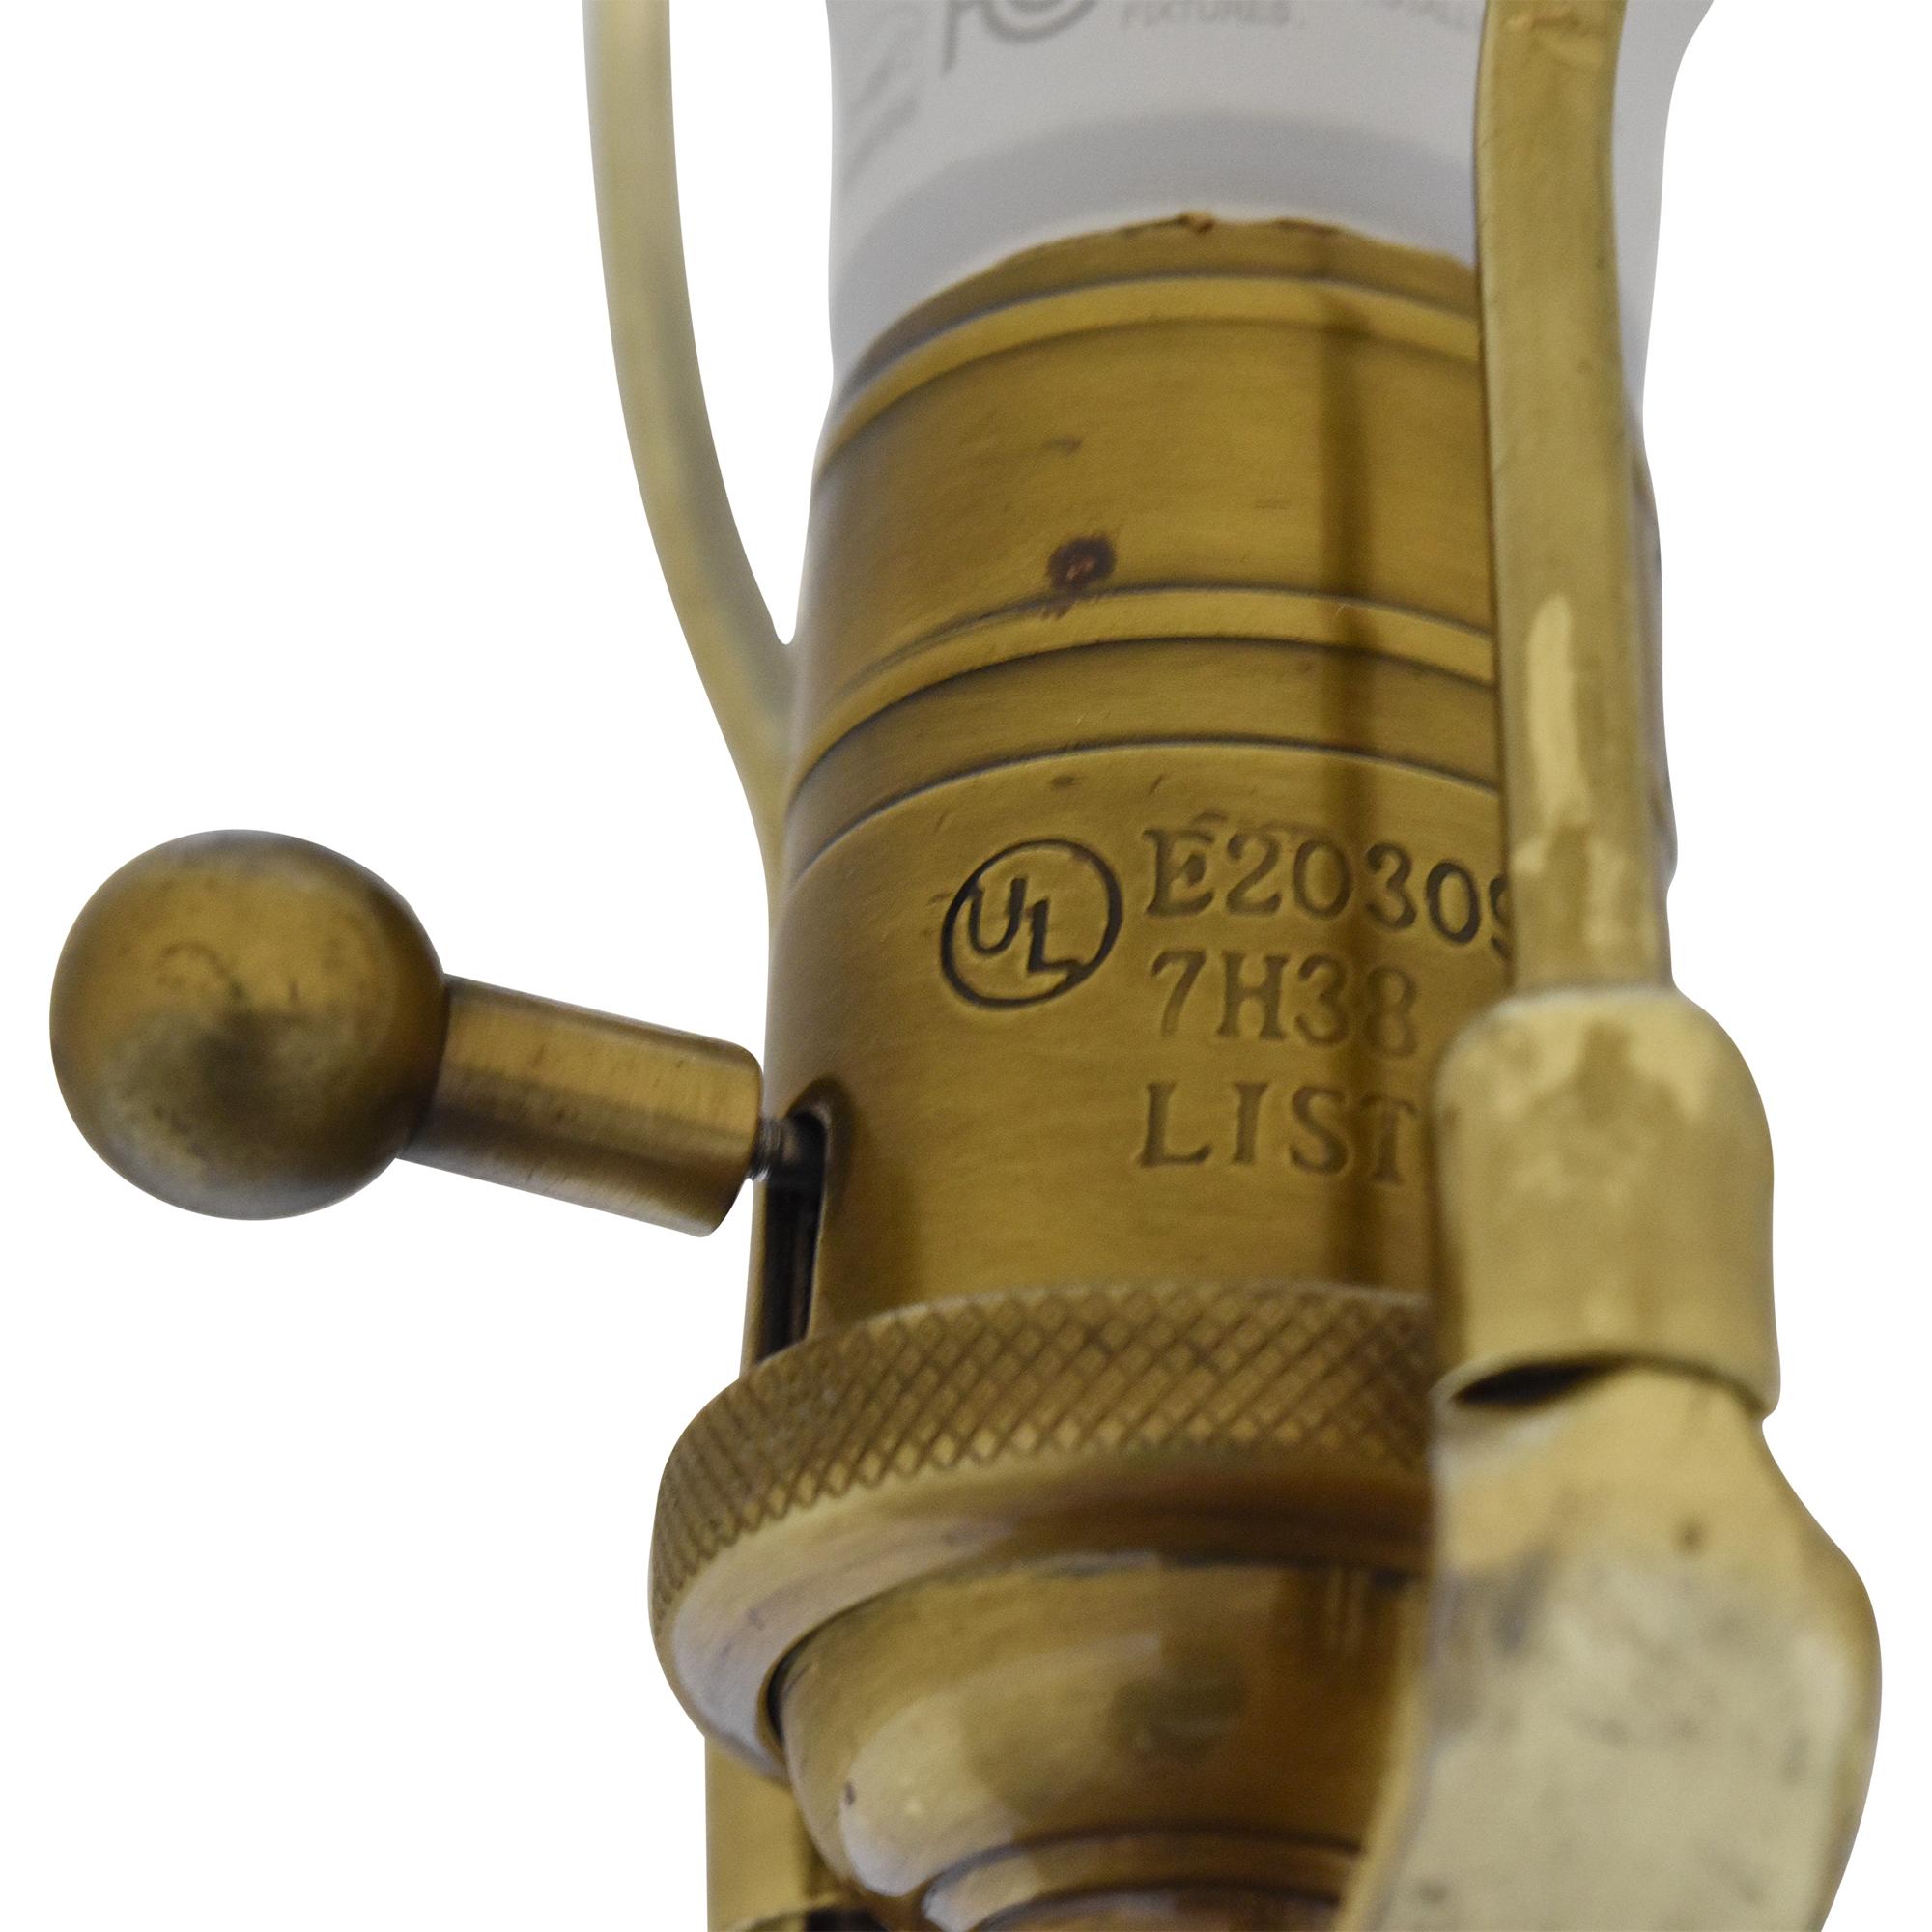 Ethan Allen Ethan Allen Floor Lamp dimensions